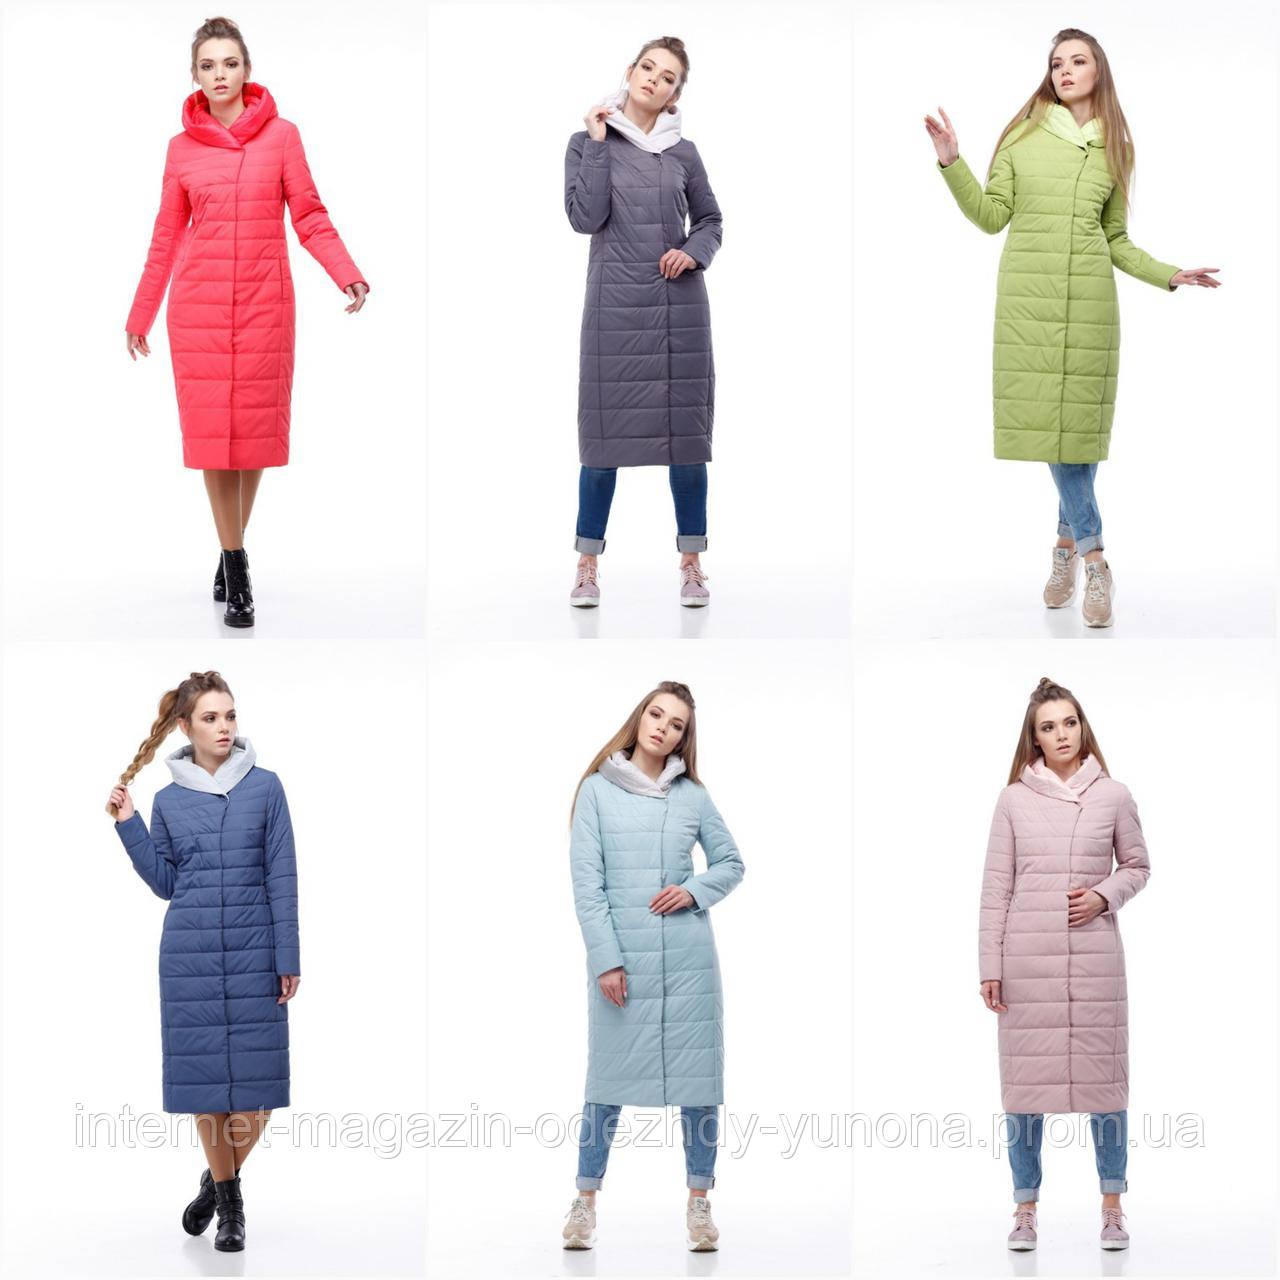 f0e05e49 Пальто женское демисезонное из плащевки - Интернет-магазин